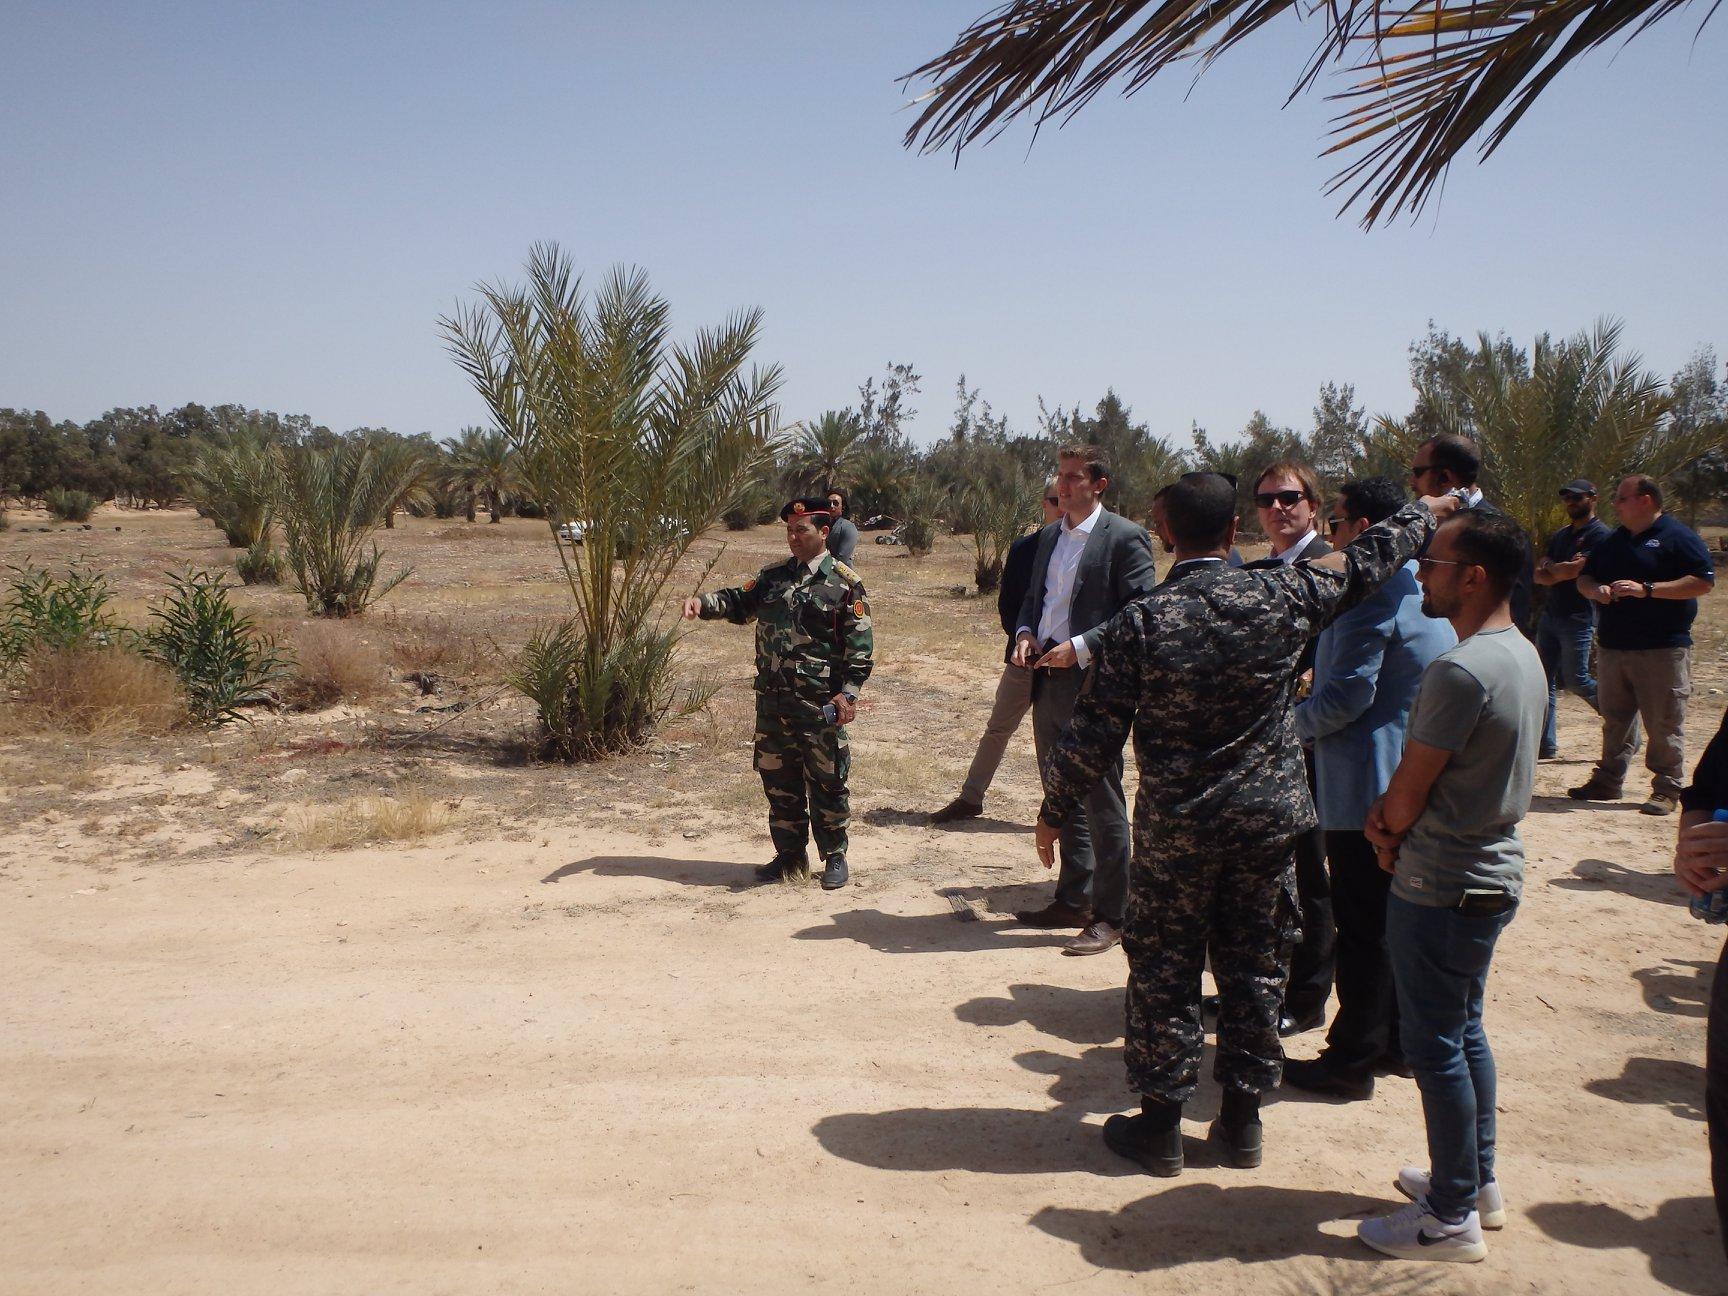 فرانك بيكر أثناء زيارة التفقدية إلى مقر إدارة التحري والتحقيقات الجنائية فرع الوسطى